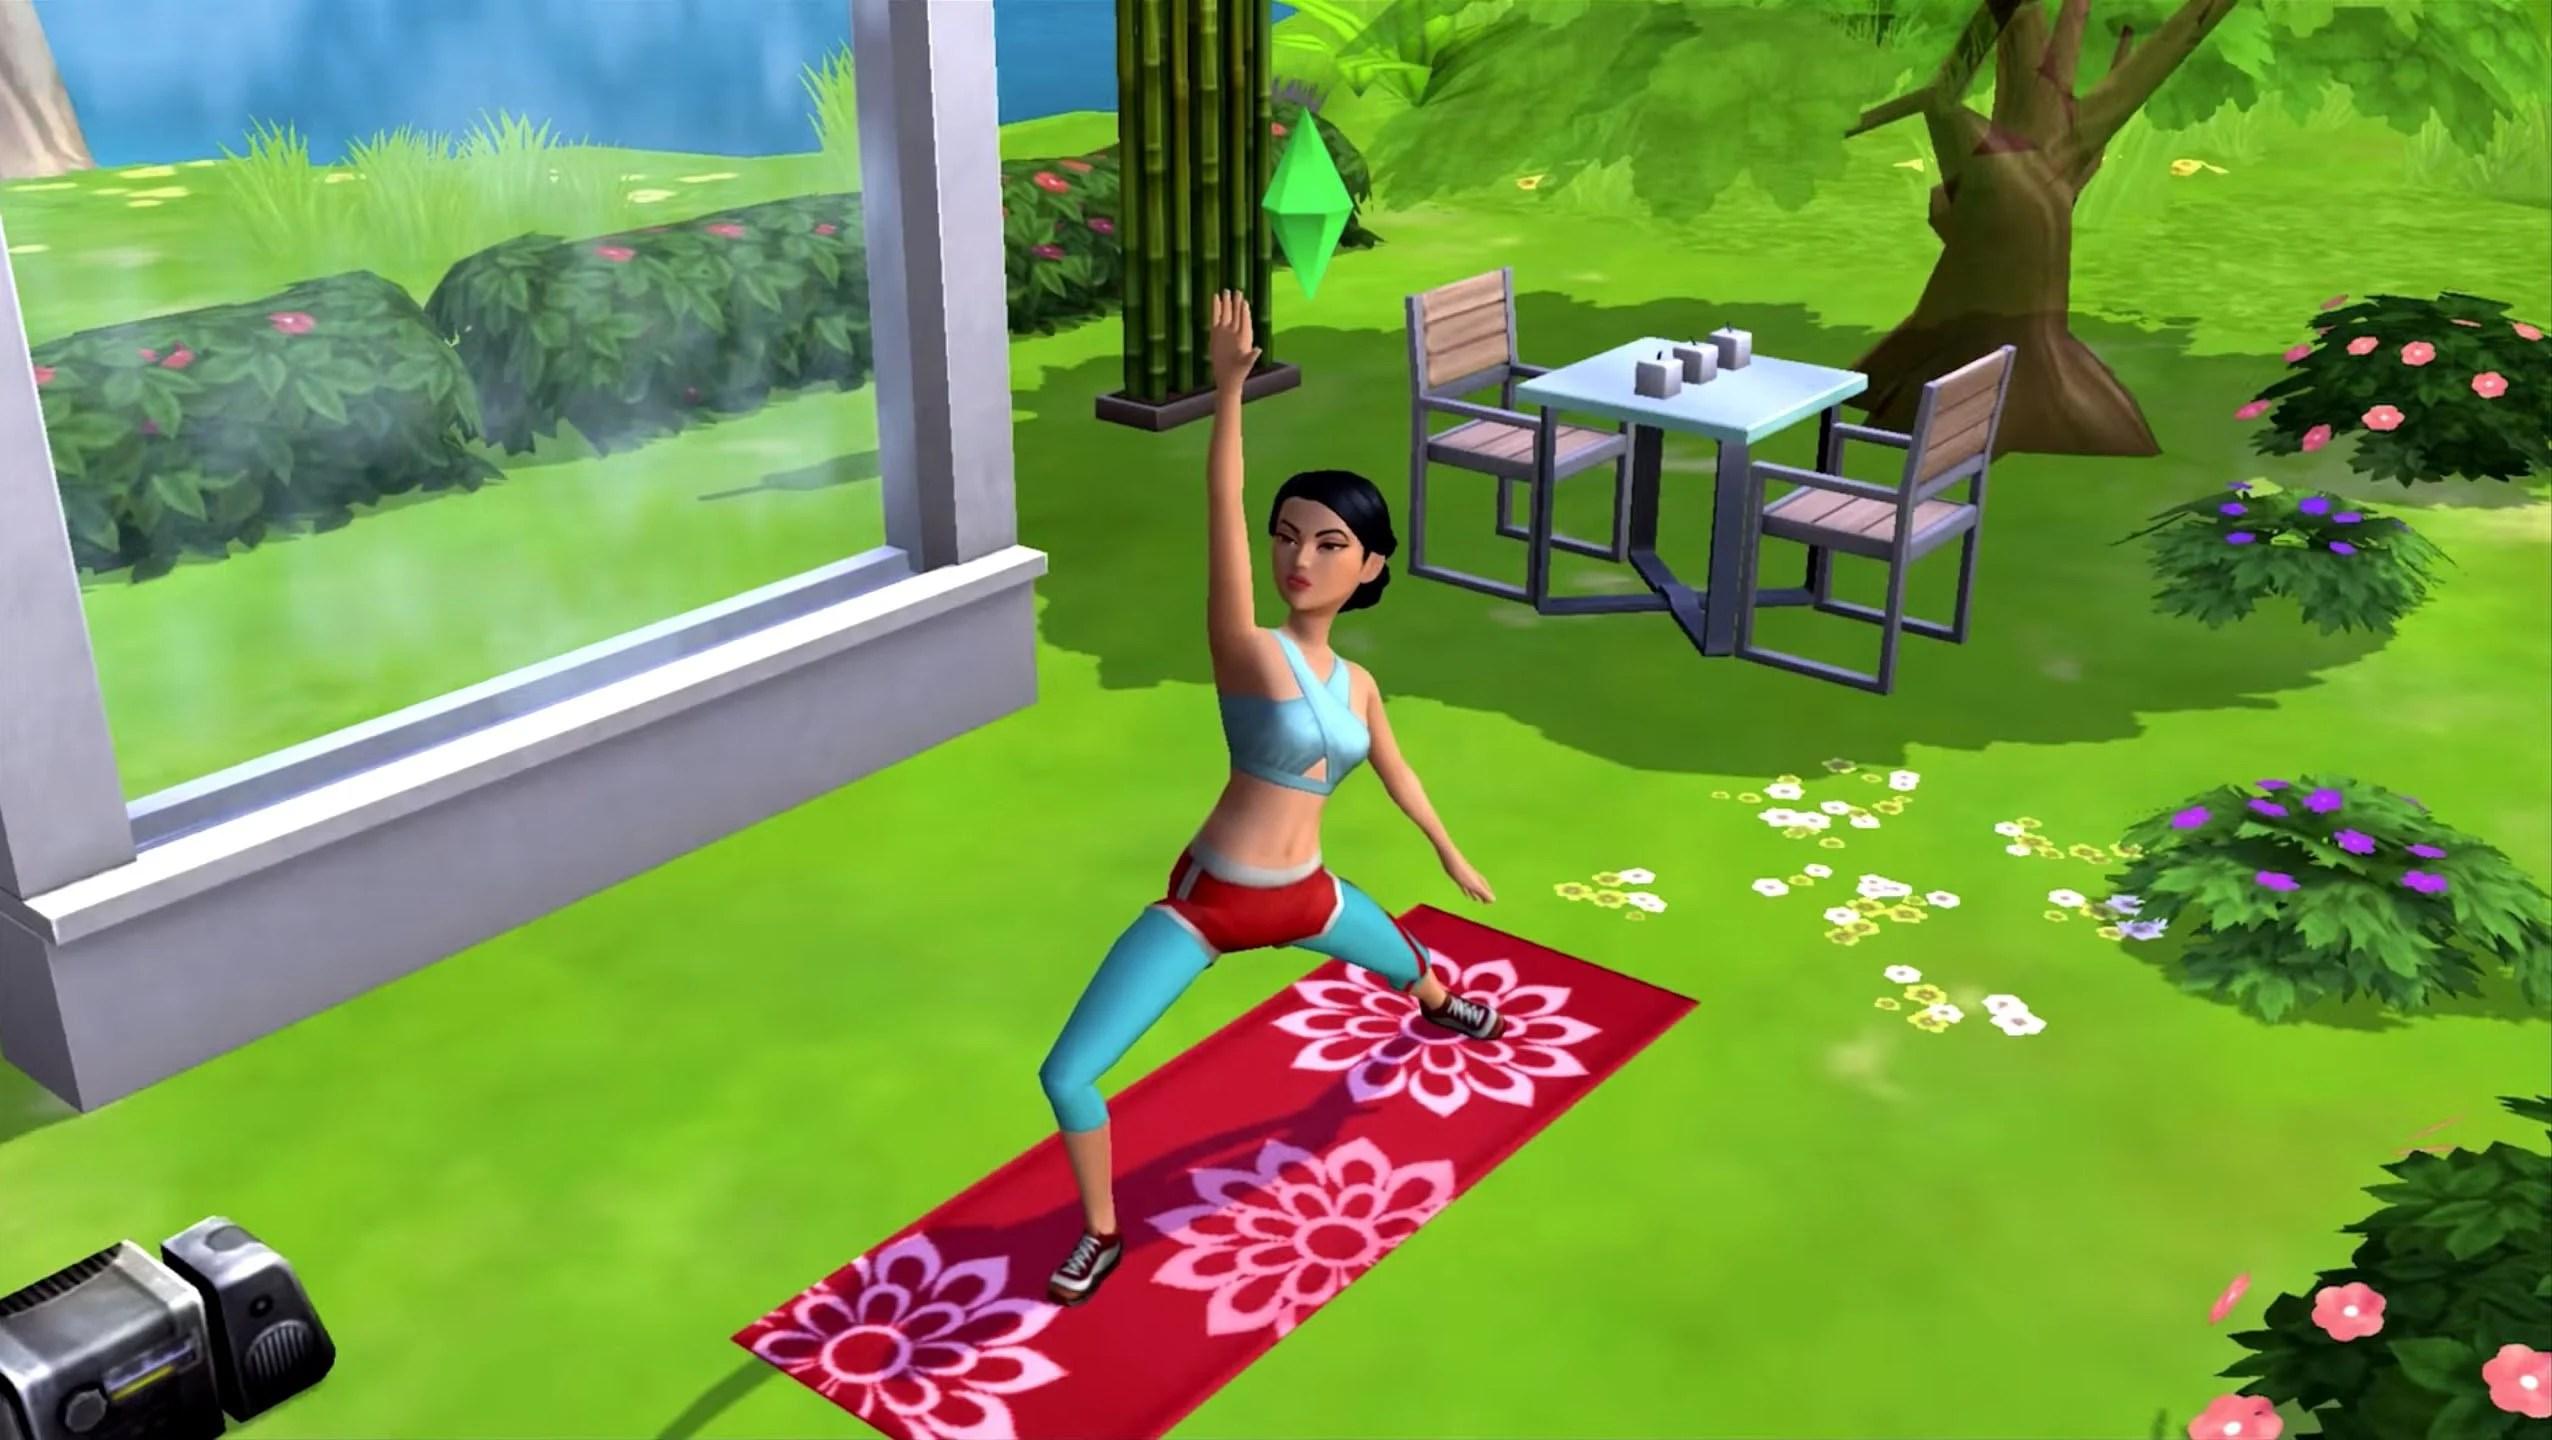 Les Sims arrive sur Android et iOS après près d'un an de soft launch